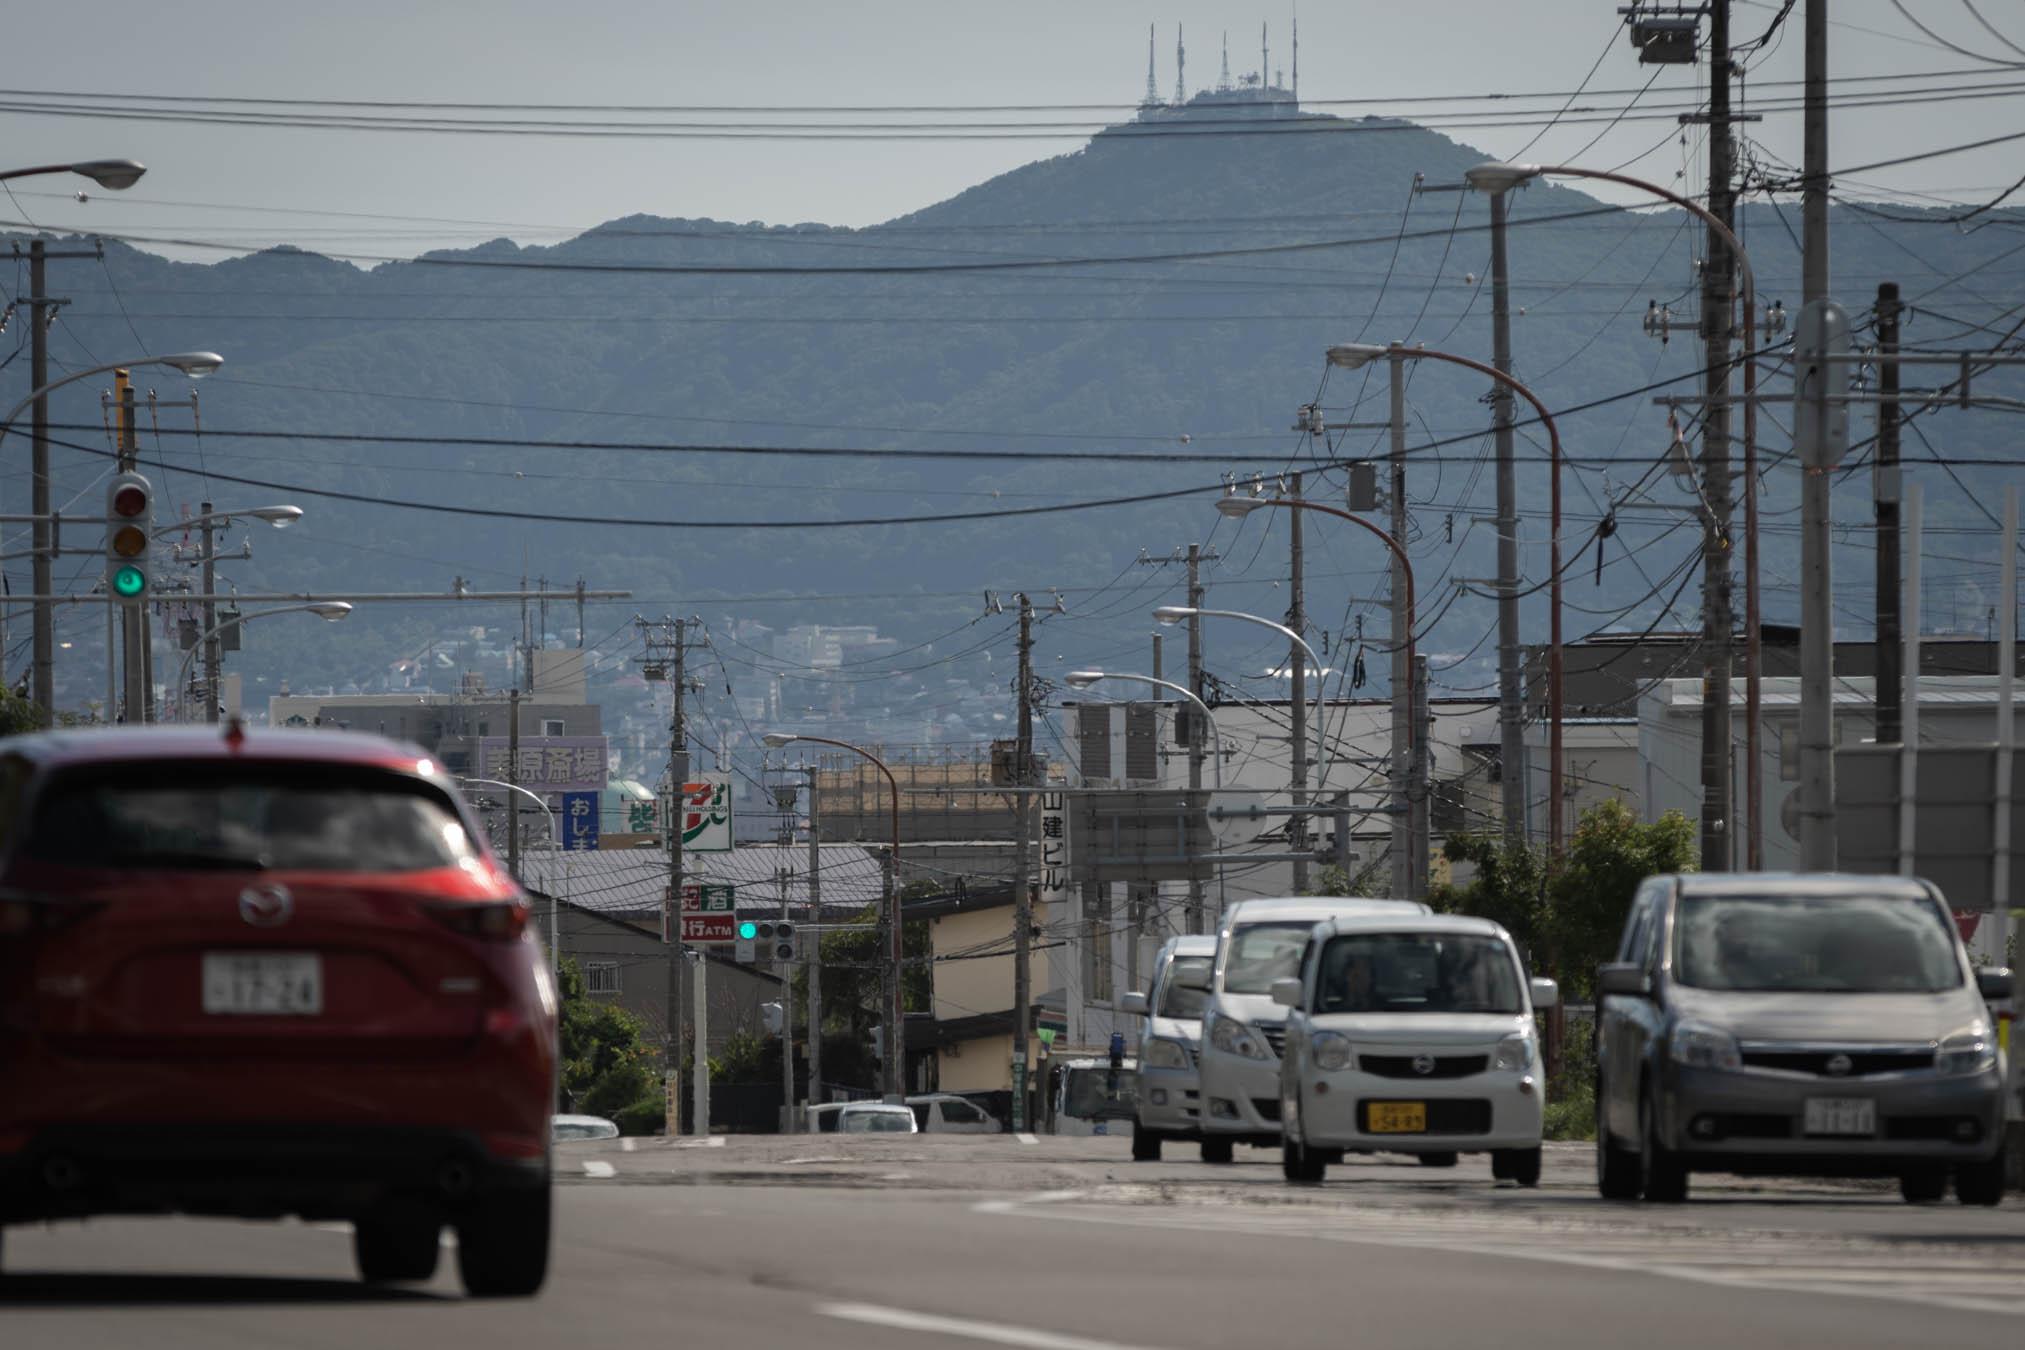 赤川1丁目交差点の風景と遠景の函館山